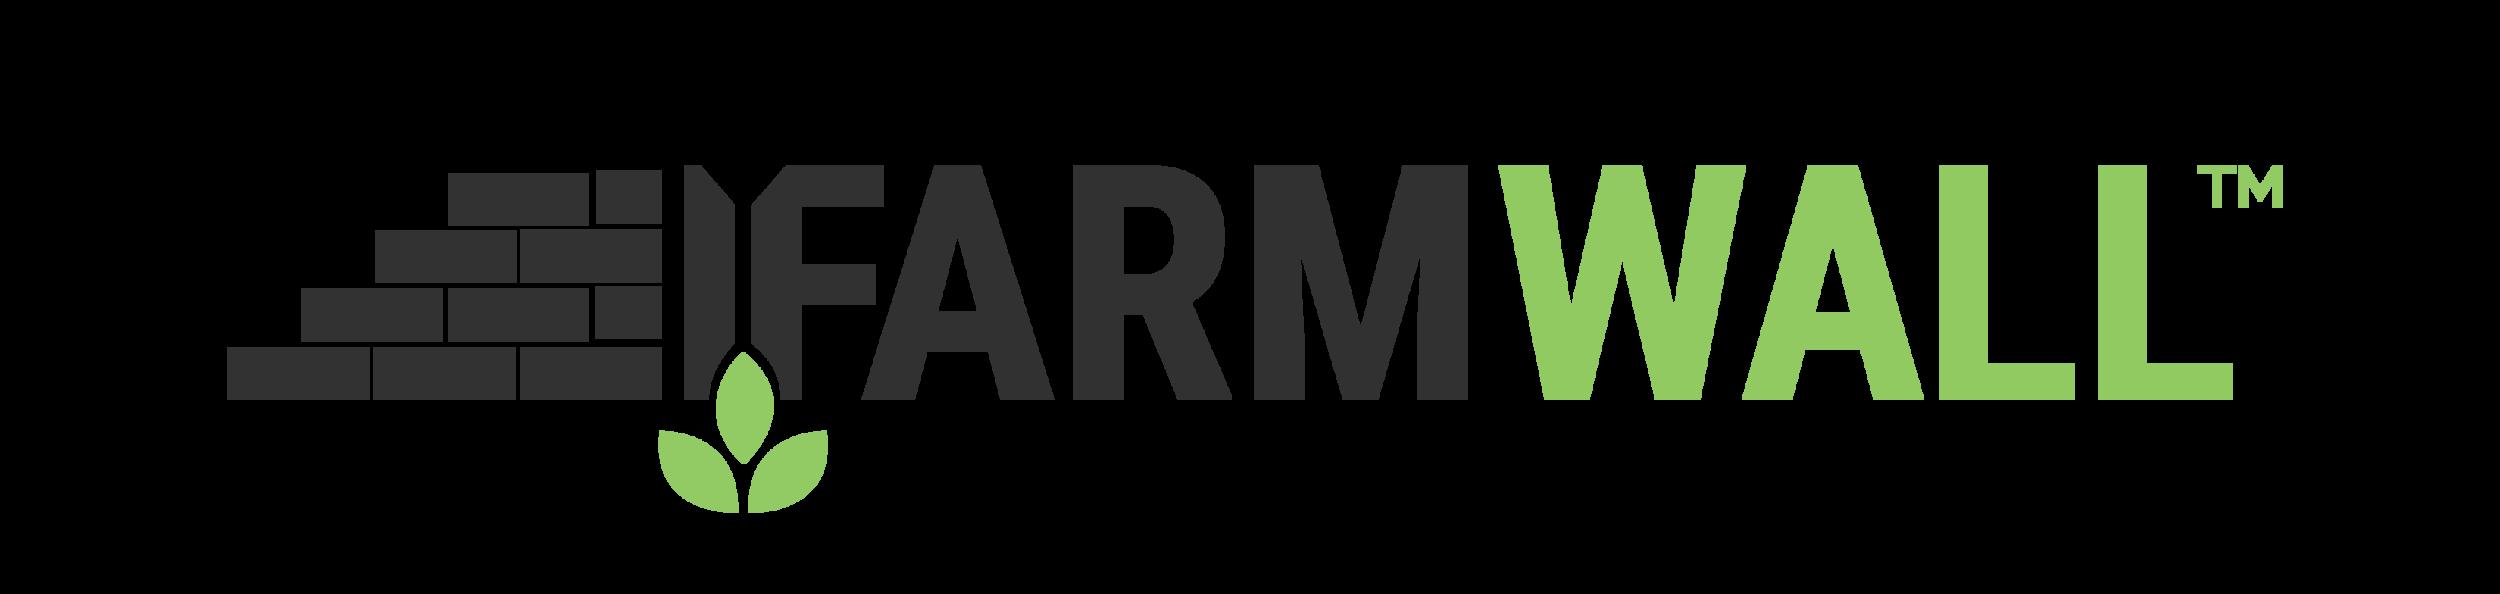 Farm Wall Logo Transparent.png